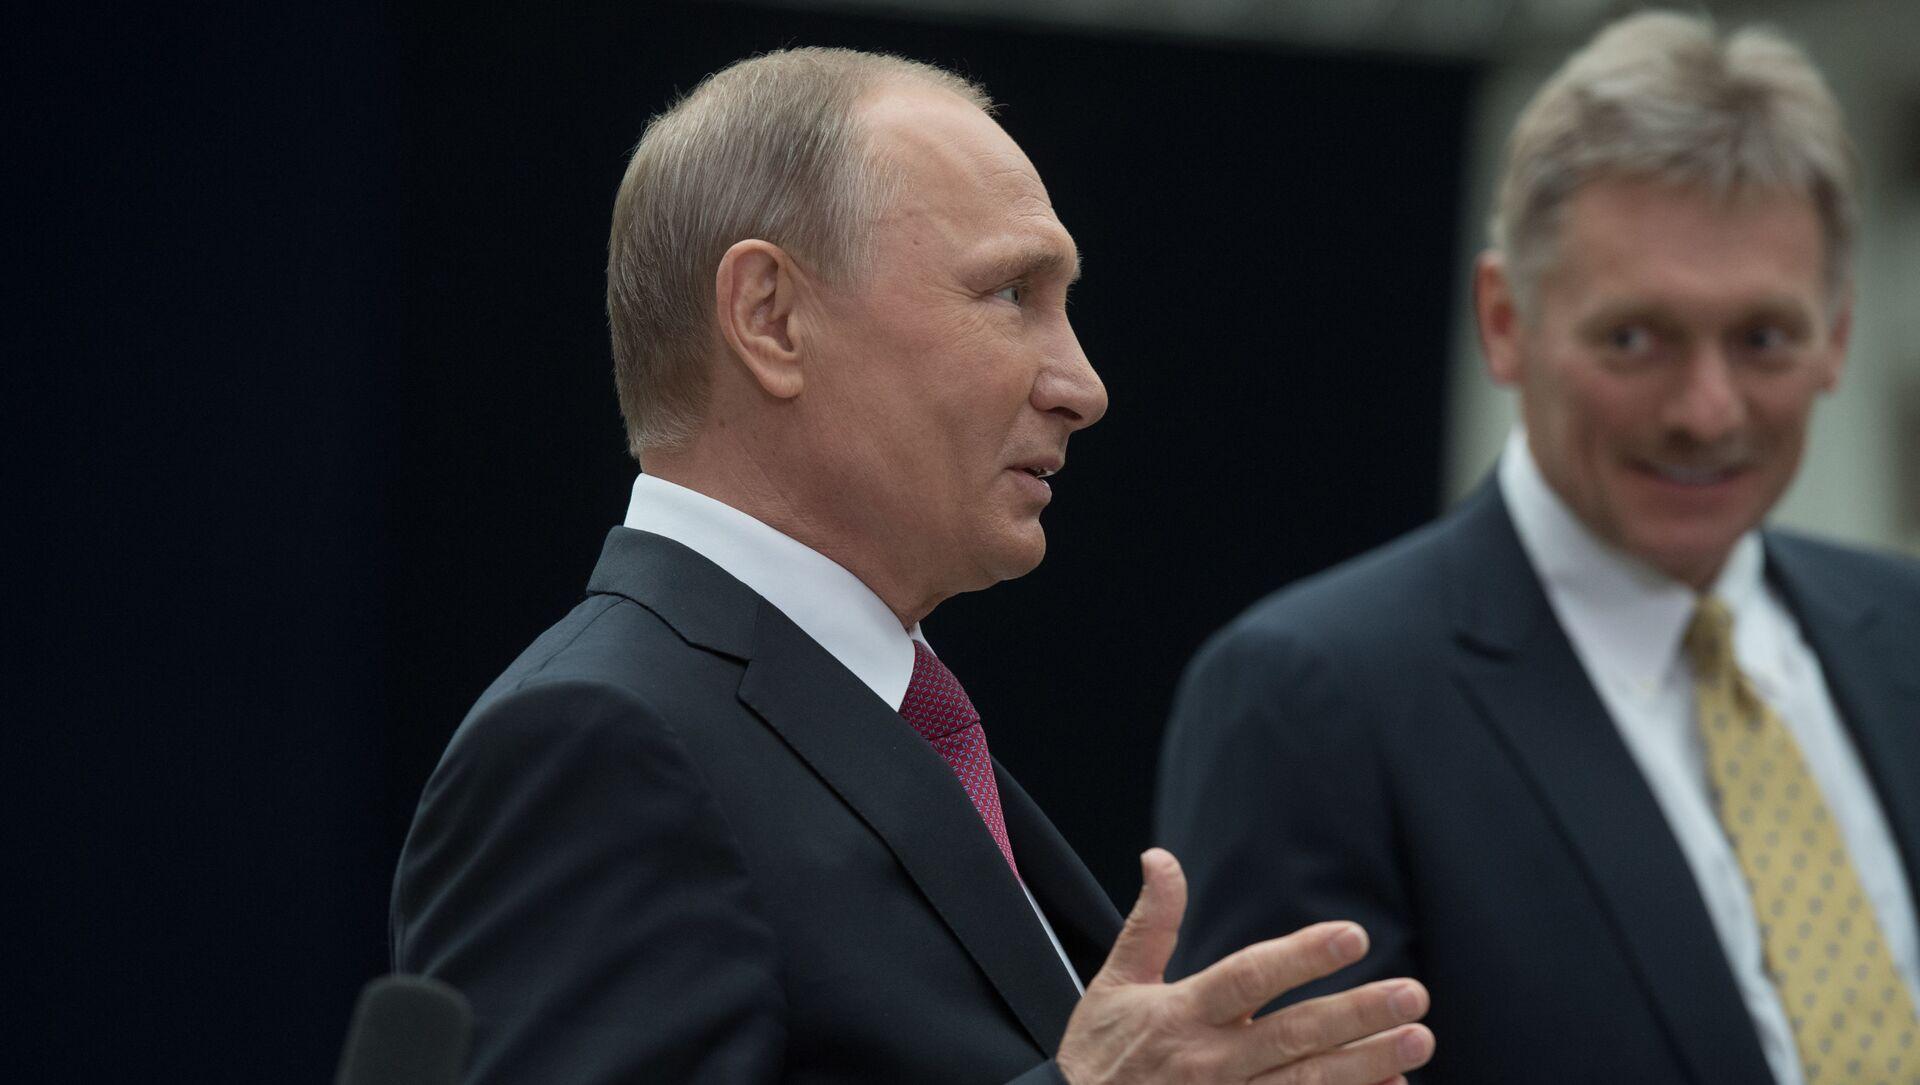 Tổng thống Liên bang Nga Vladimir Putin và phát ngôn viên Điện Kremlin Dmitry Peskov  - Sputnik Việt Nam, 1920, 21.04.2021